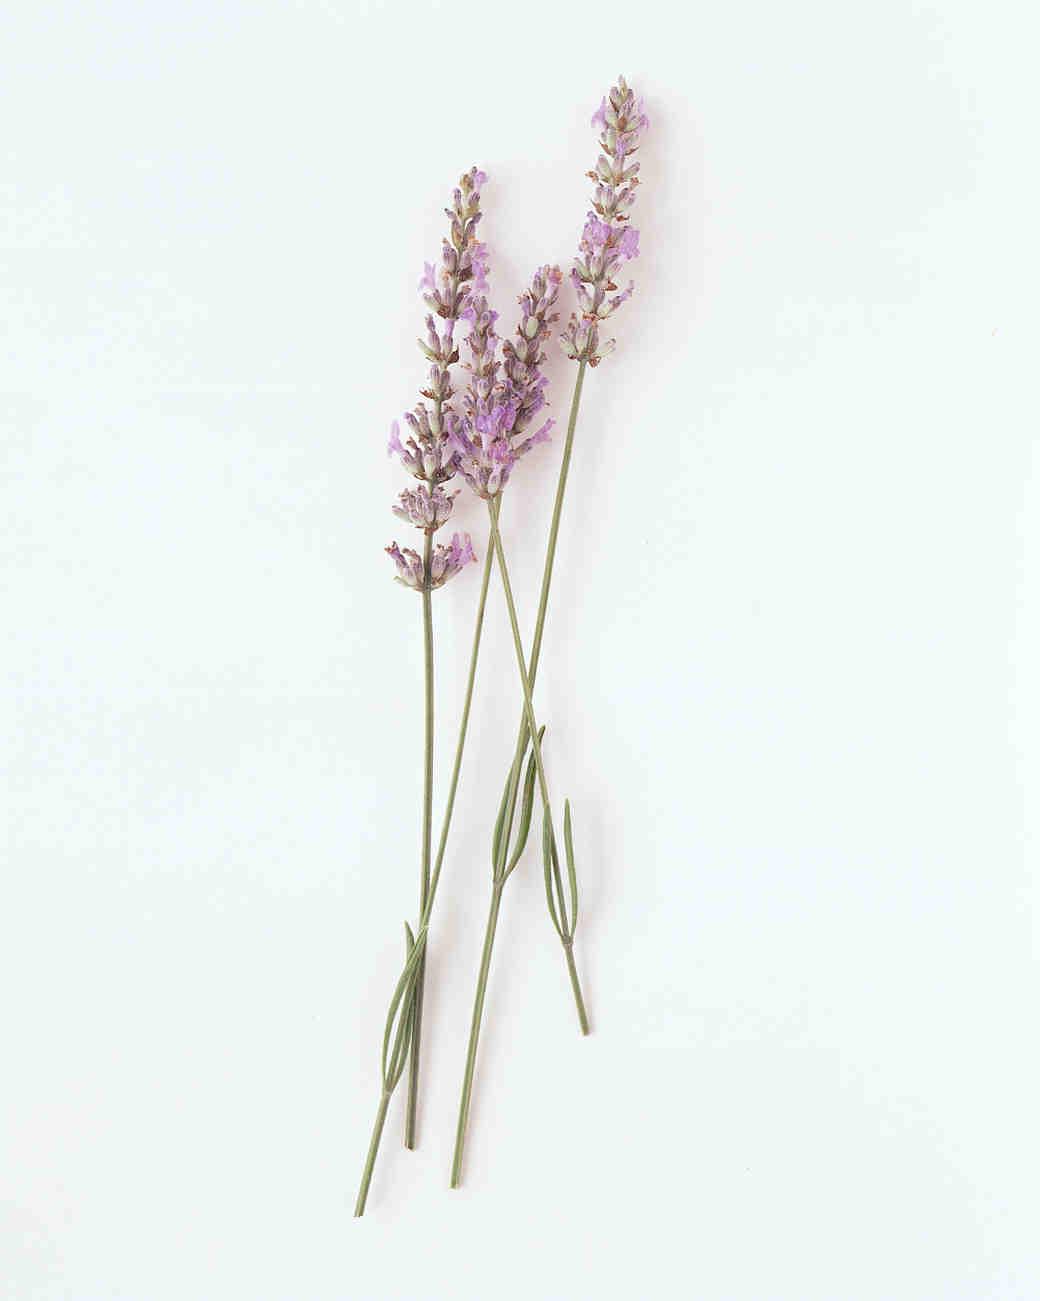 flower-glossary-lavender-a98432-0415.jpg